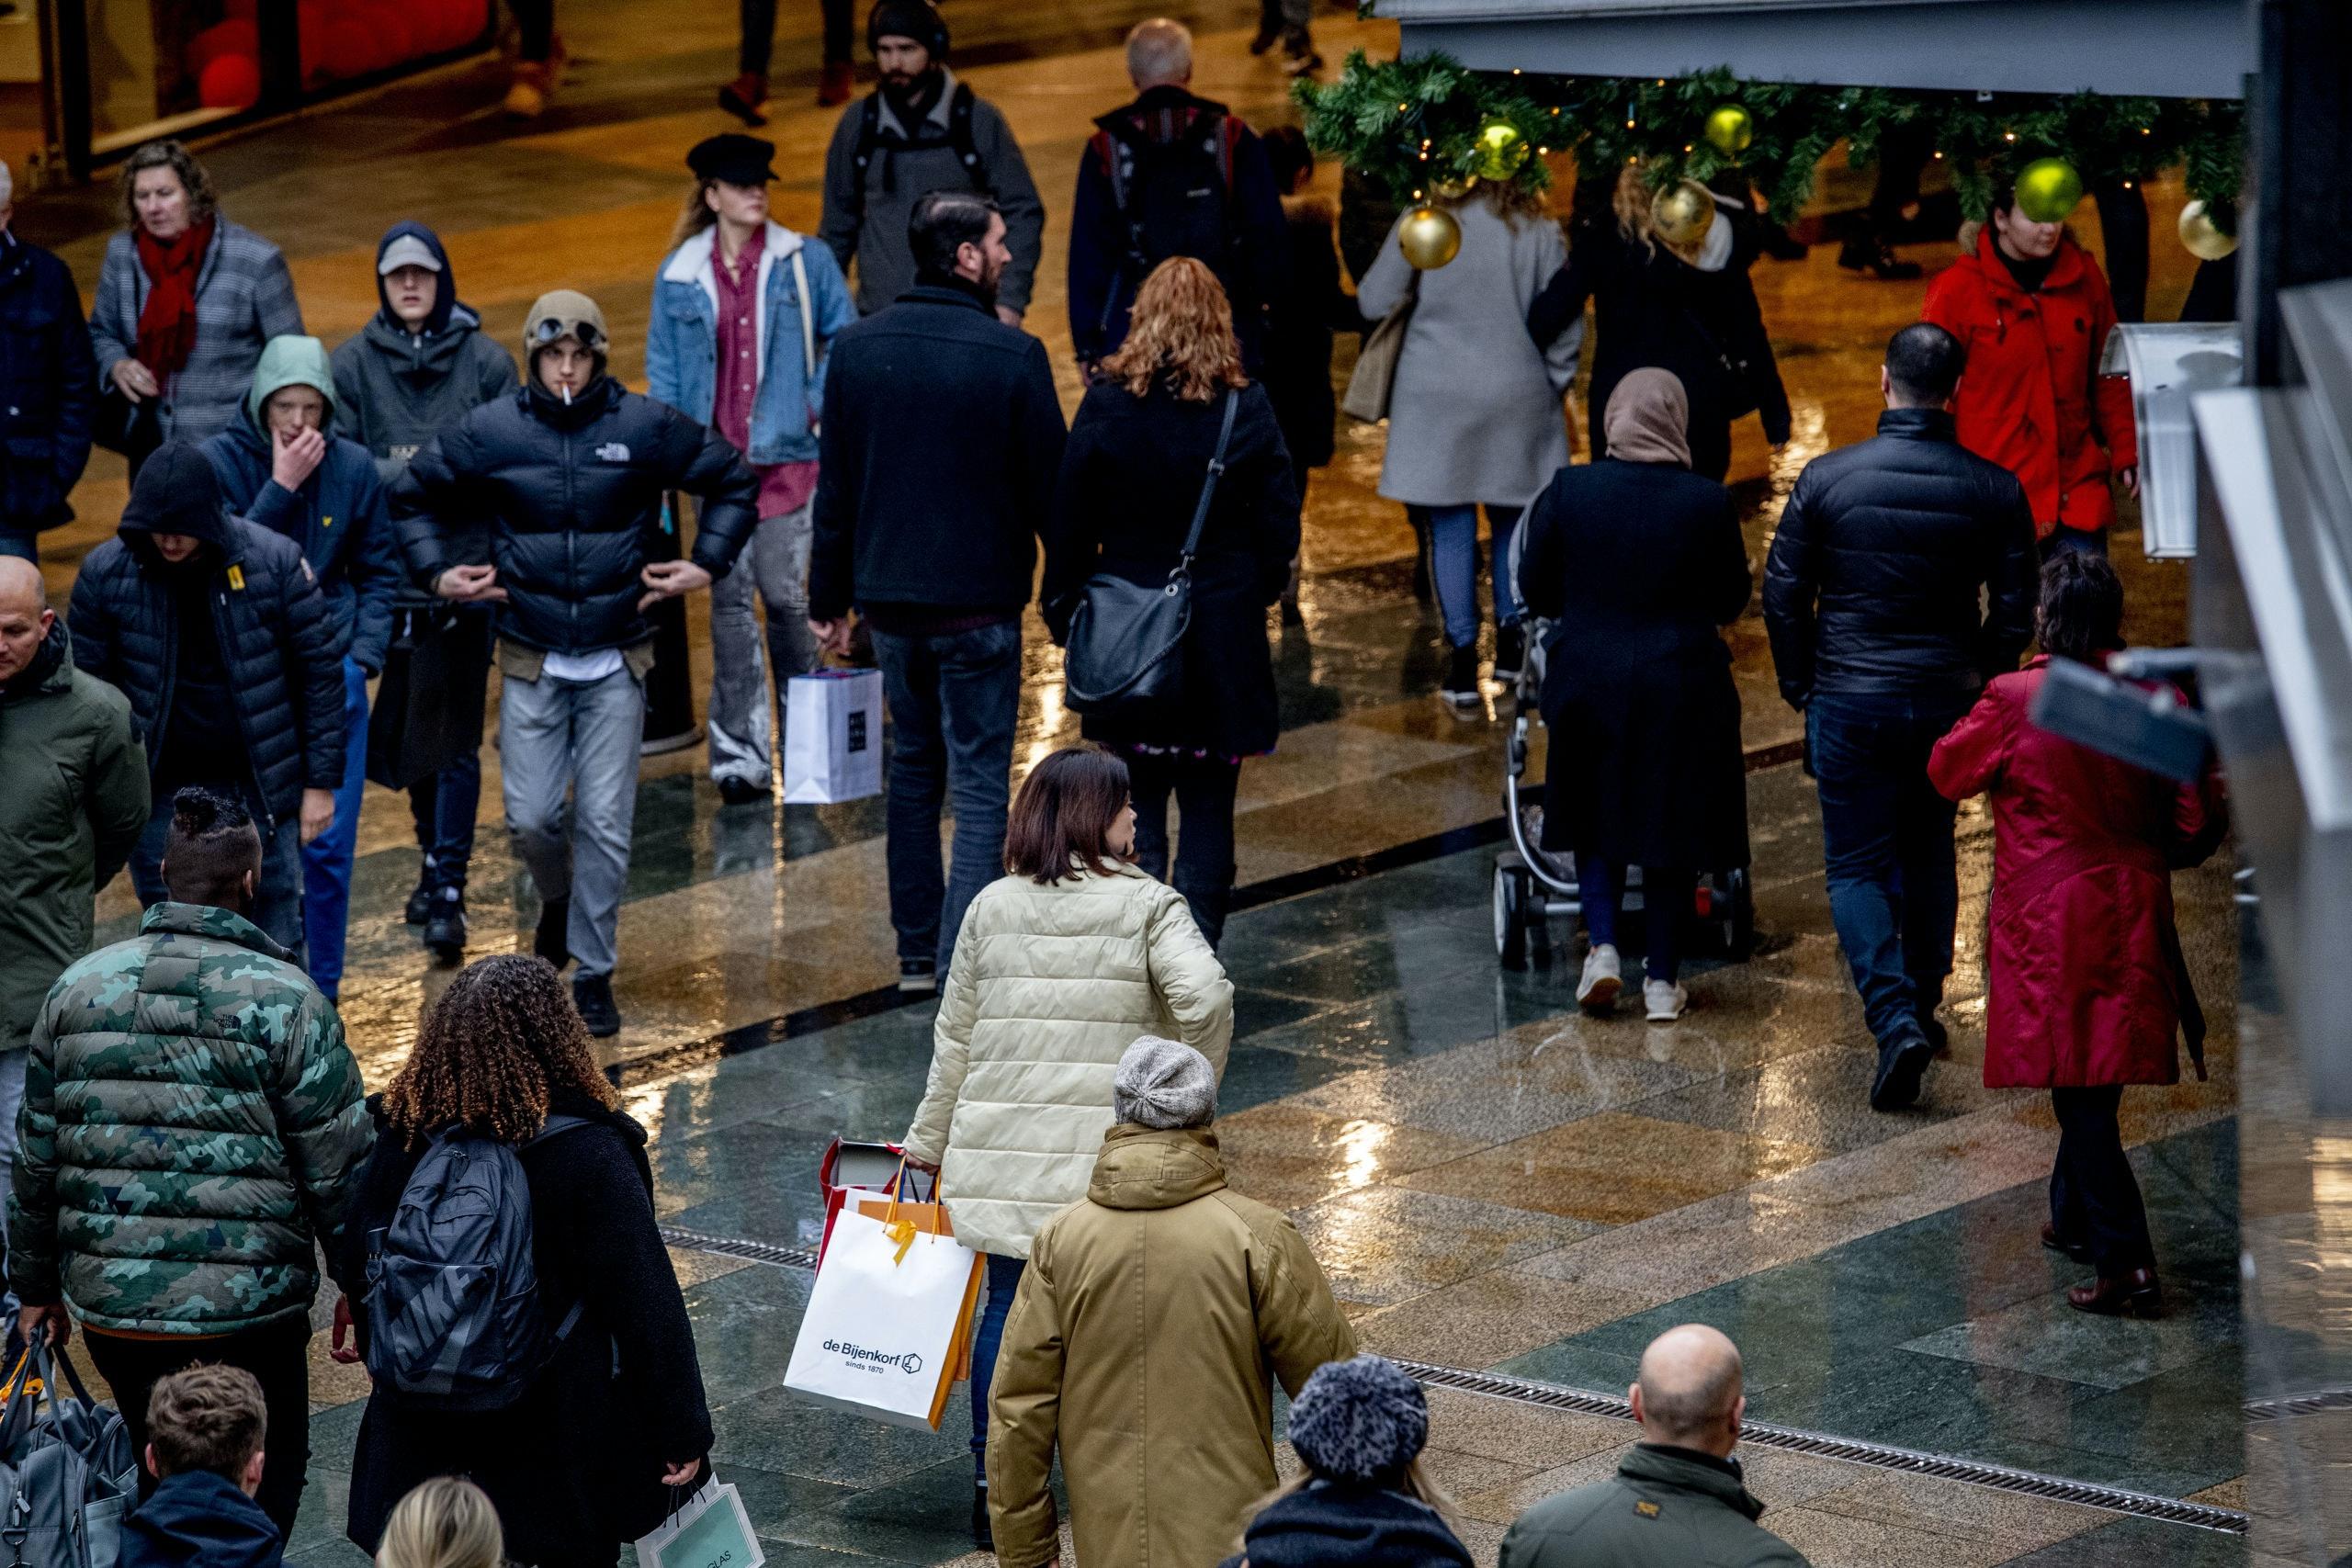 LUISTER | Voor het eerst meer meer starters, stoppers en winkeliers die zich verplaatsen - Gertjan Slob, Locatus